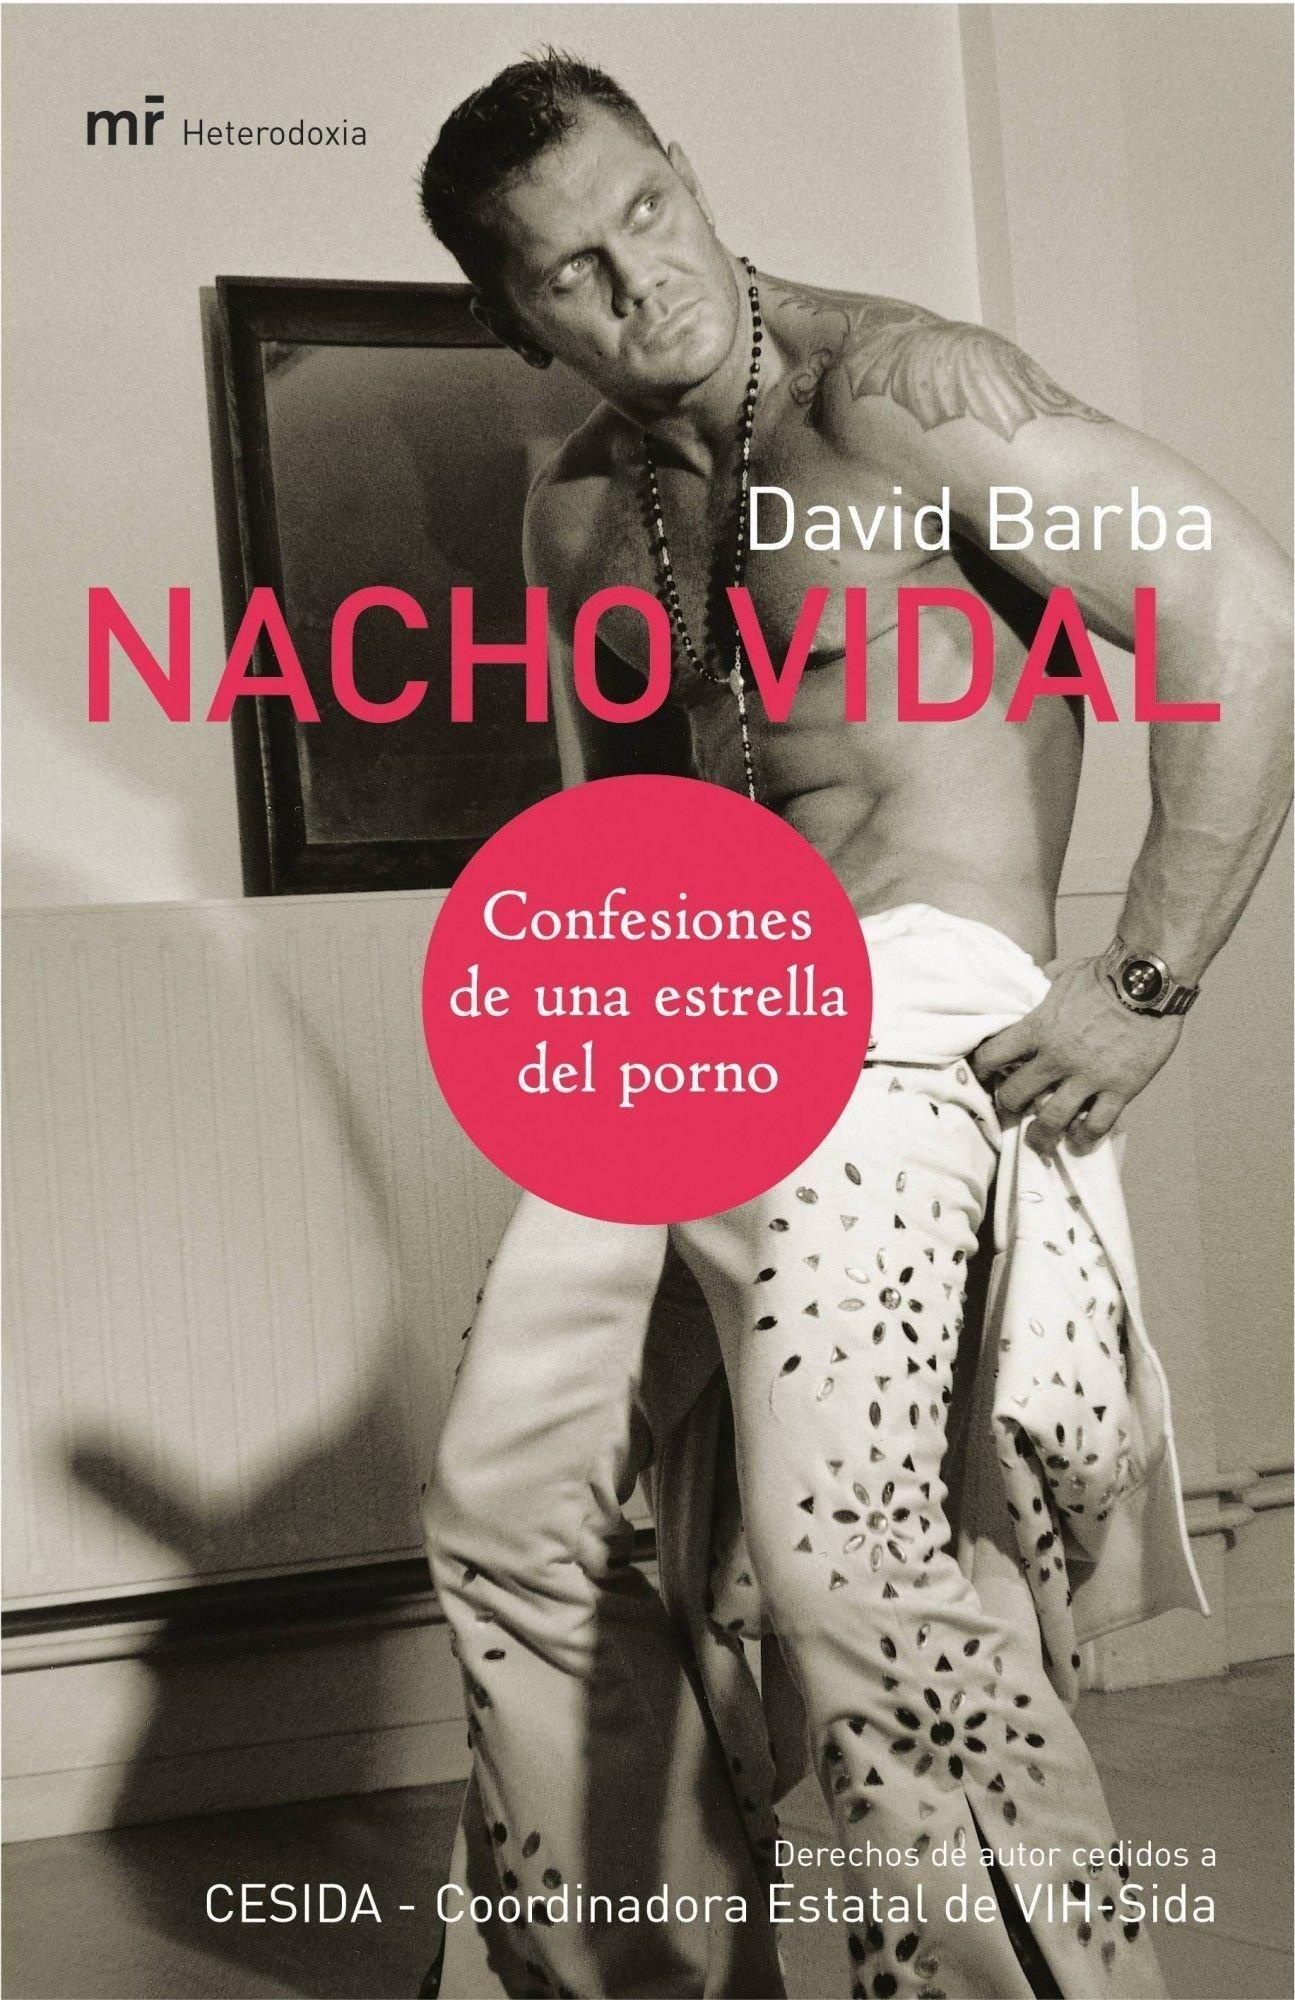 Nacho vidal casi ahoga a una actriz porno video Confesiones De Una Estrella Porno Confessions Of A Porno Star Mr Heterodoxia Spanish Edition Vidal Nacho 9788427030114 Amazon Com Books